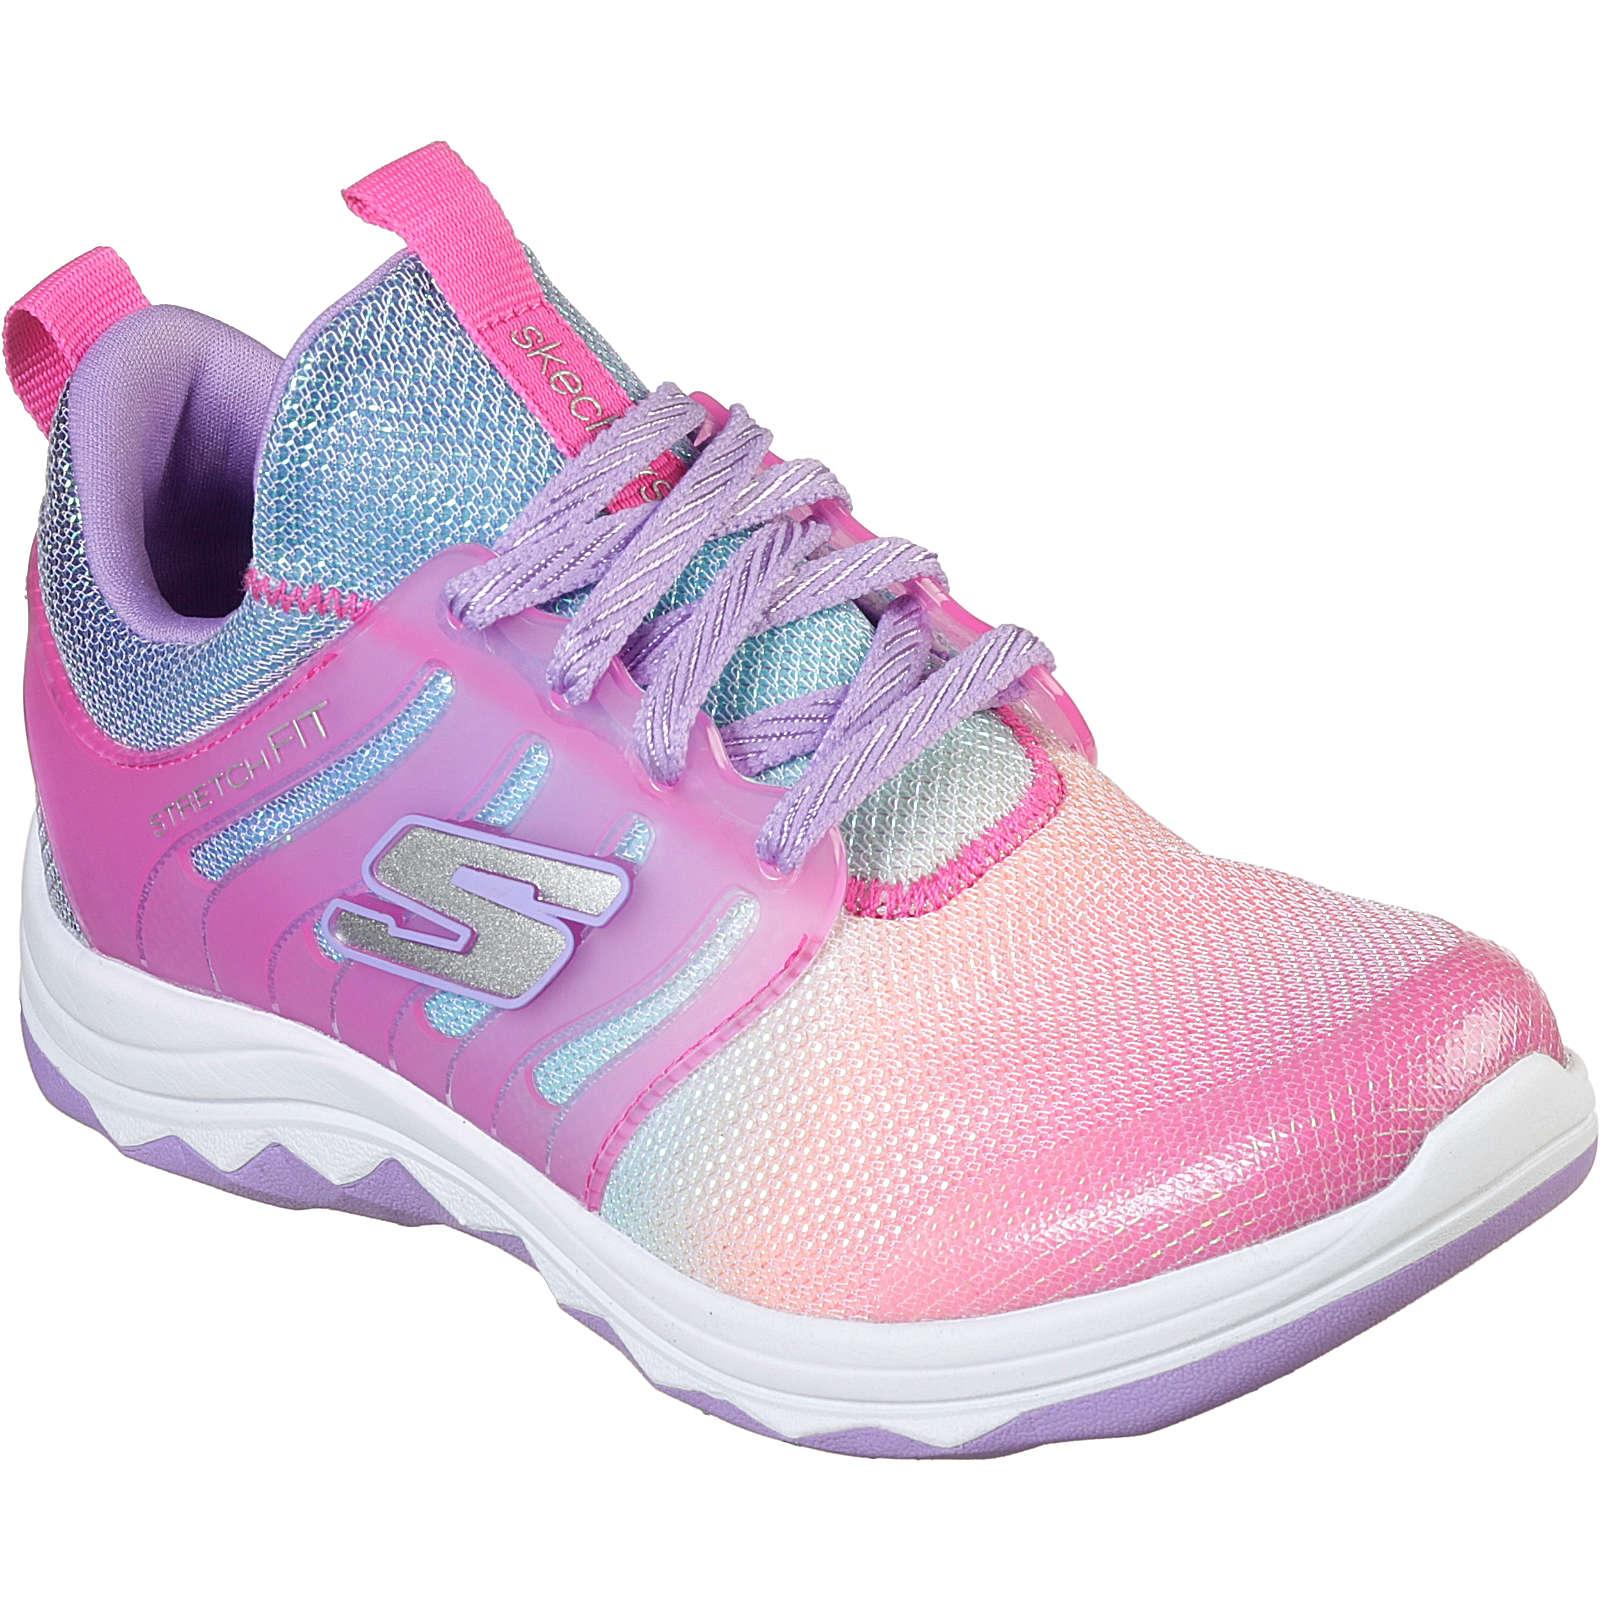 SKECHERS Sneakers low DIAMOND RUNNER RAINBOW DREAMS für Mädchen pink Mädchen Gr. 32